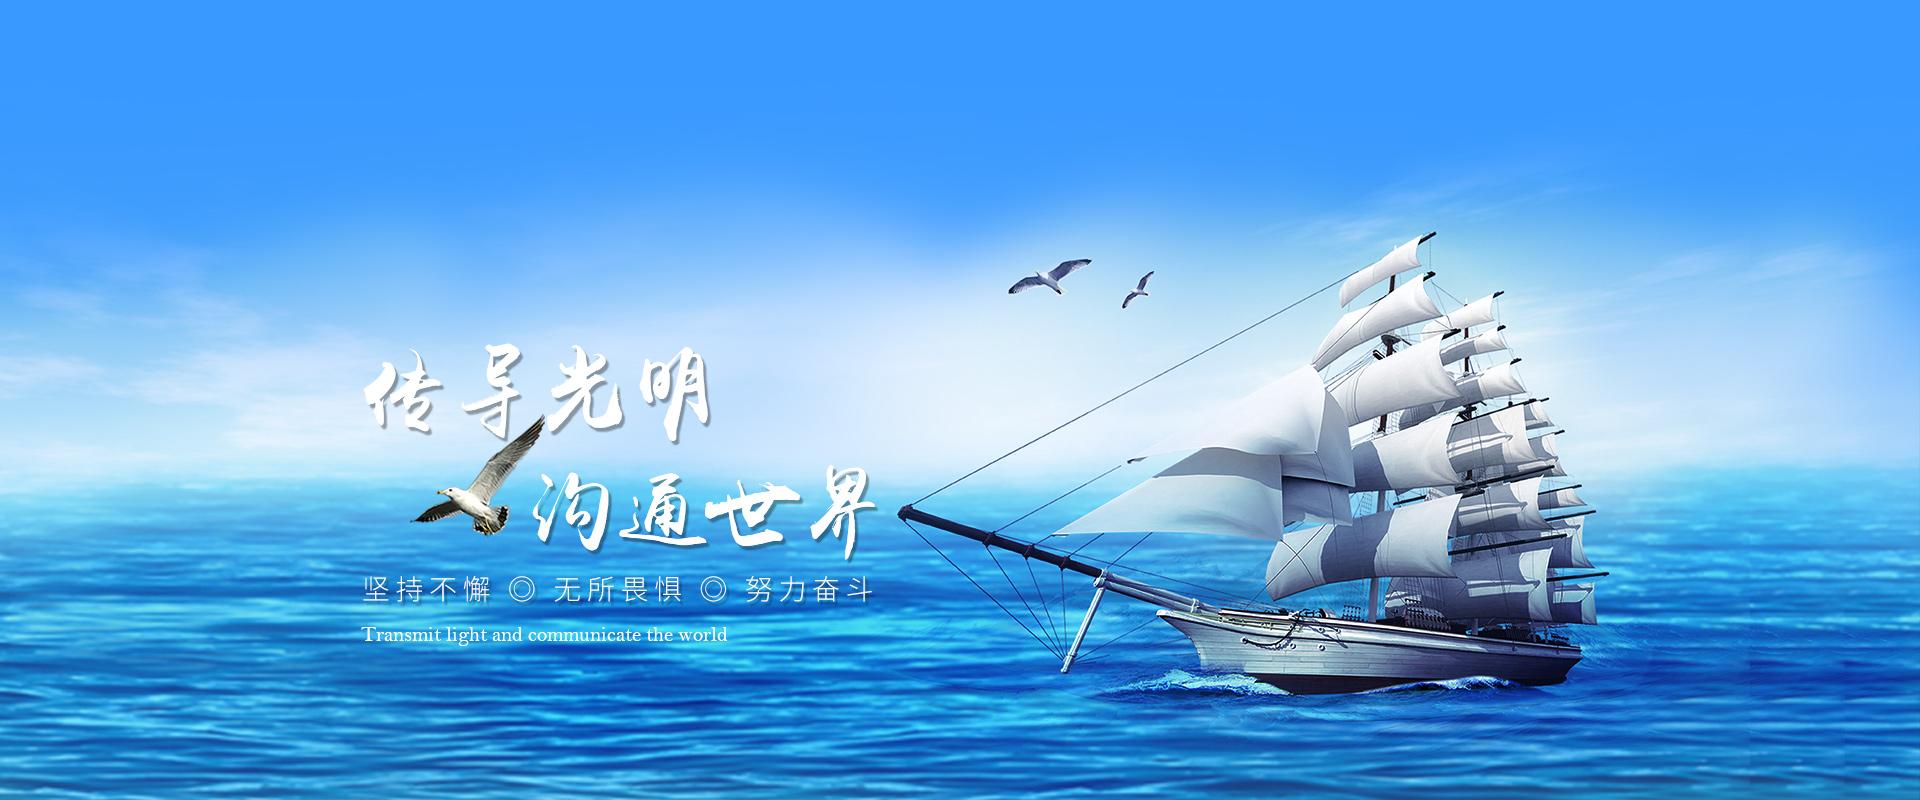 重庆二四六精选手机版